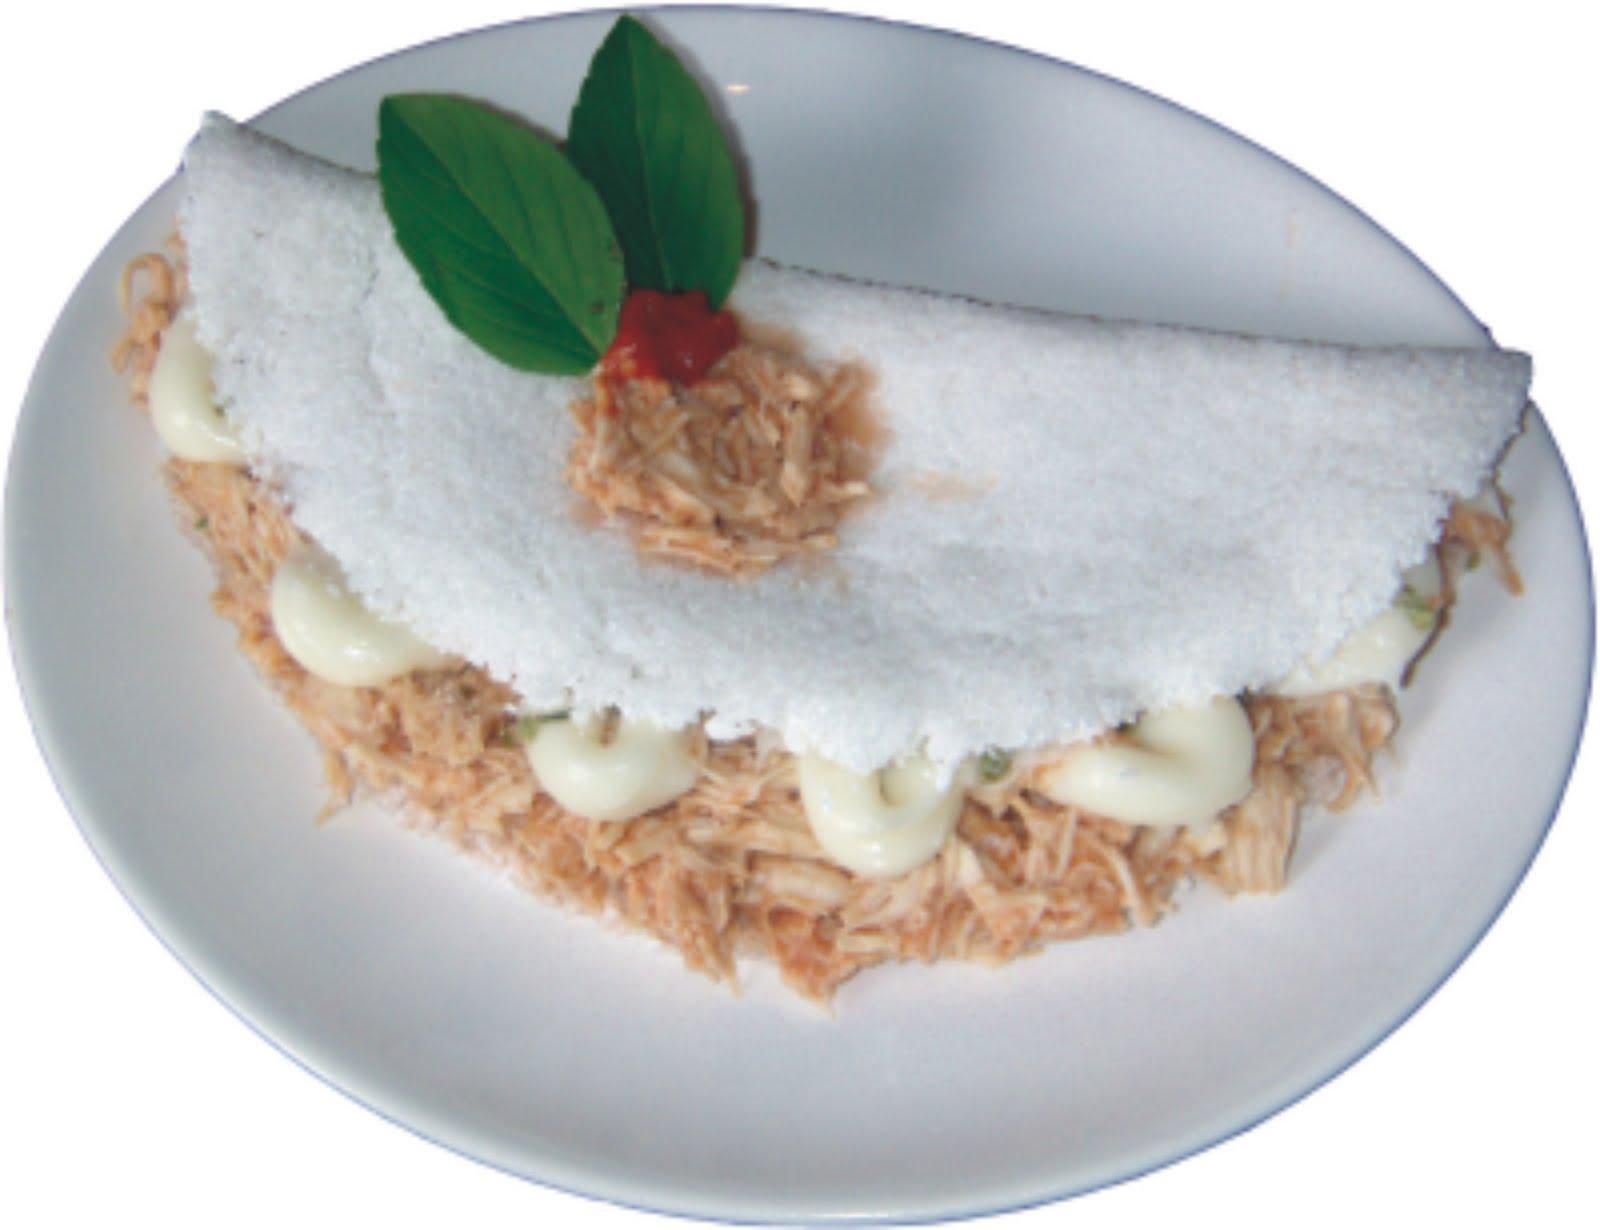 Tapiocas Rechedas tapioca frango